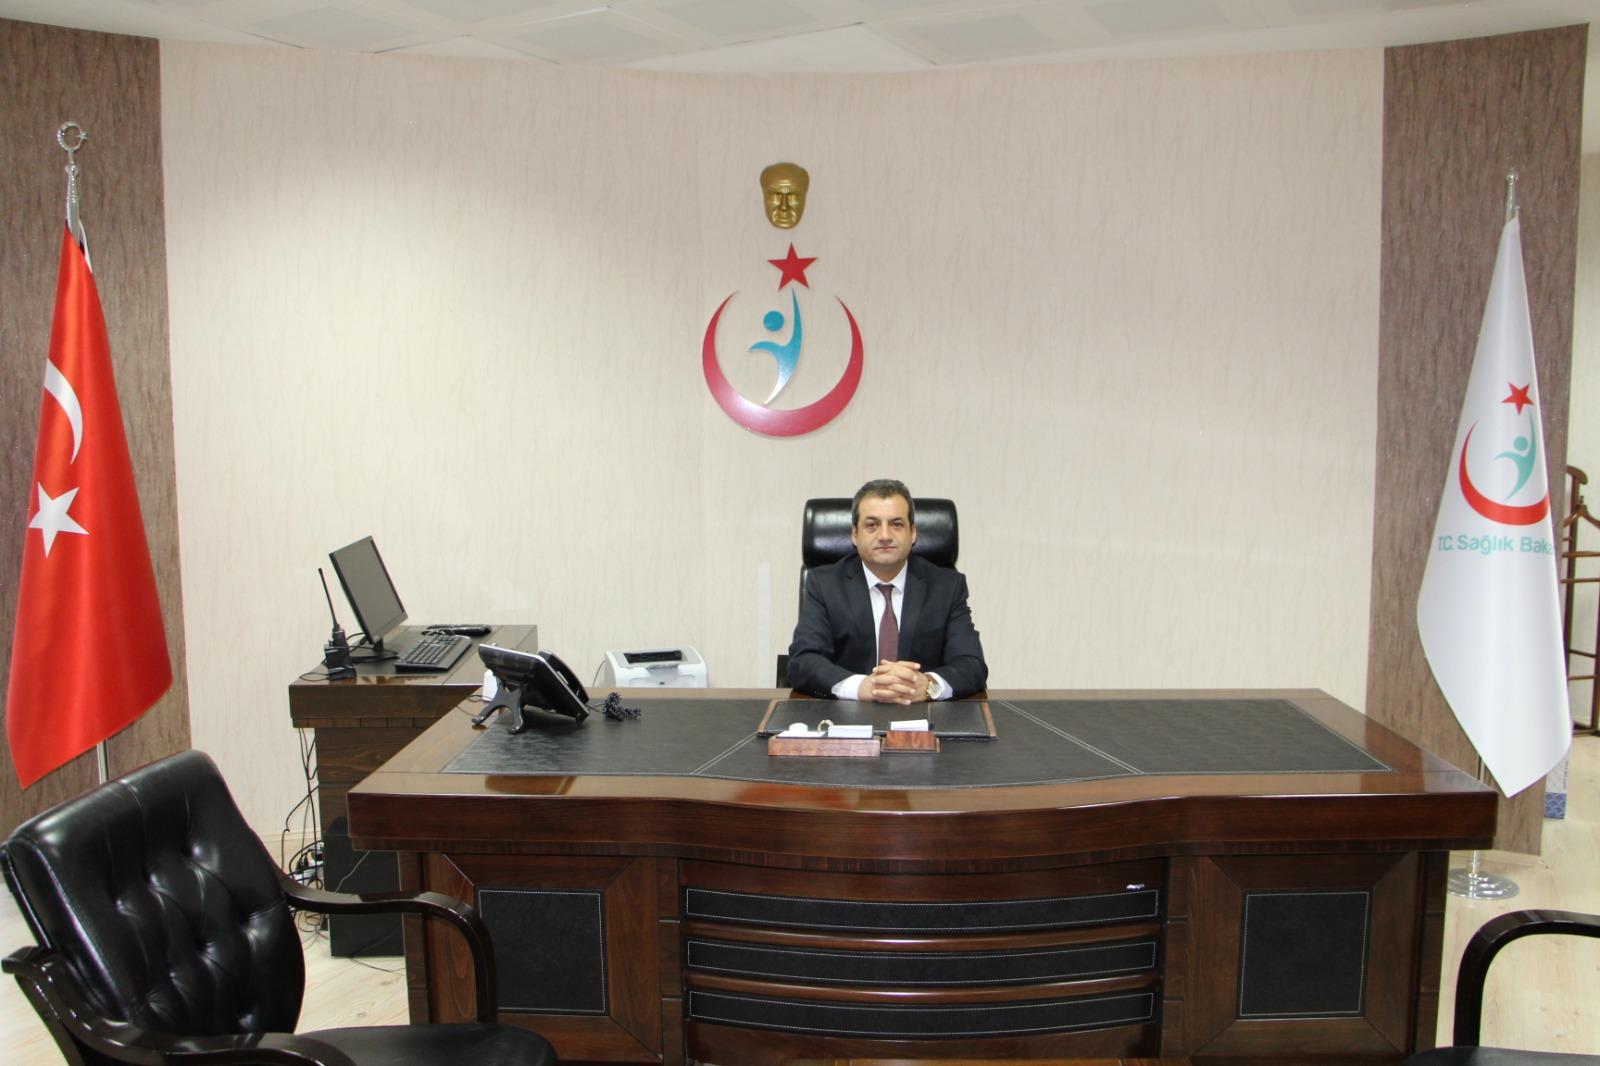 İl Sağlık Müdürümüz Doç. Dr. Cahit Polat Normalleşme Süreci İle İlgili Değerlendirmede Bulundu